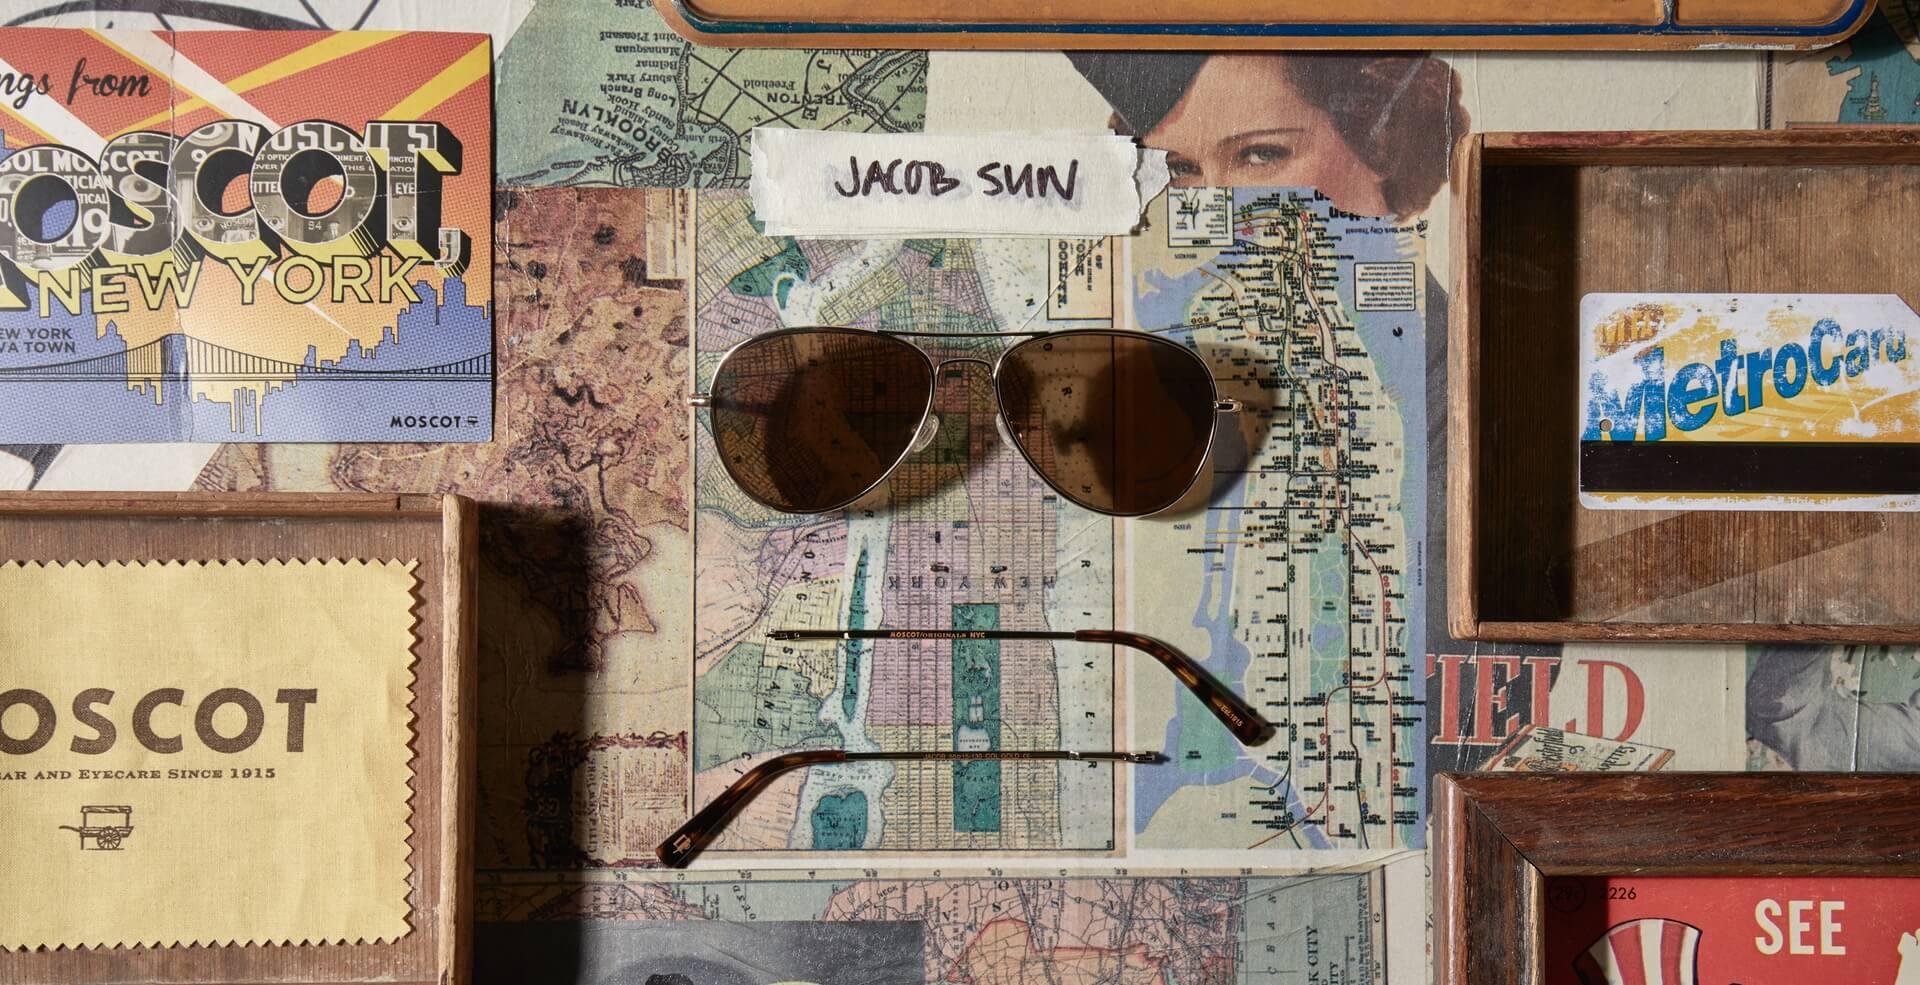 JACOB SUN